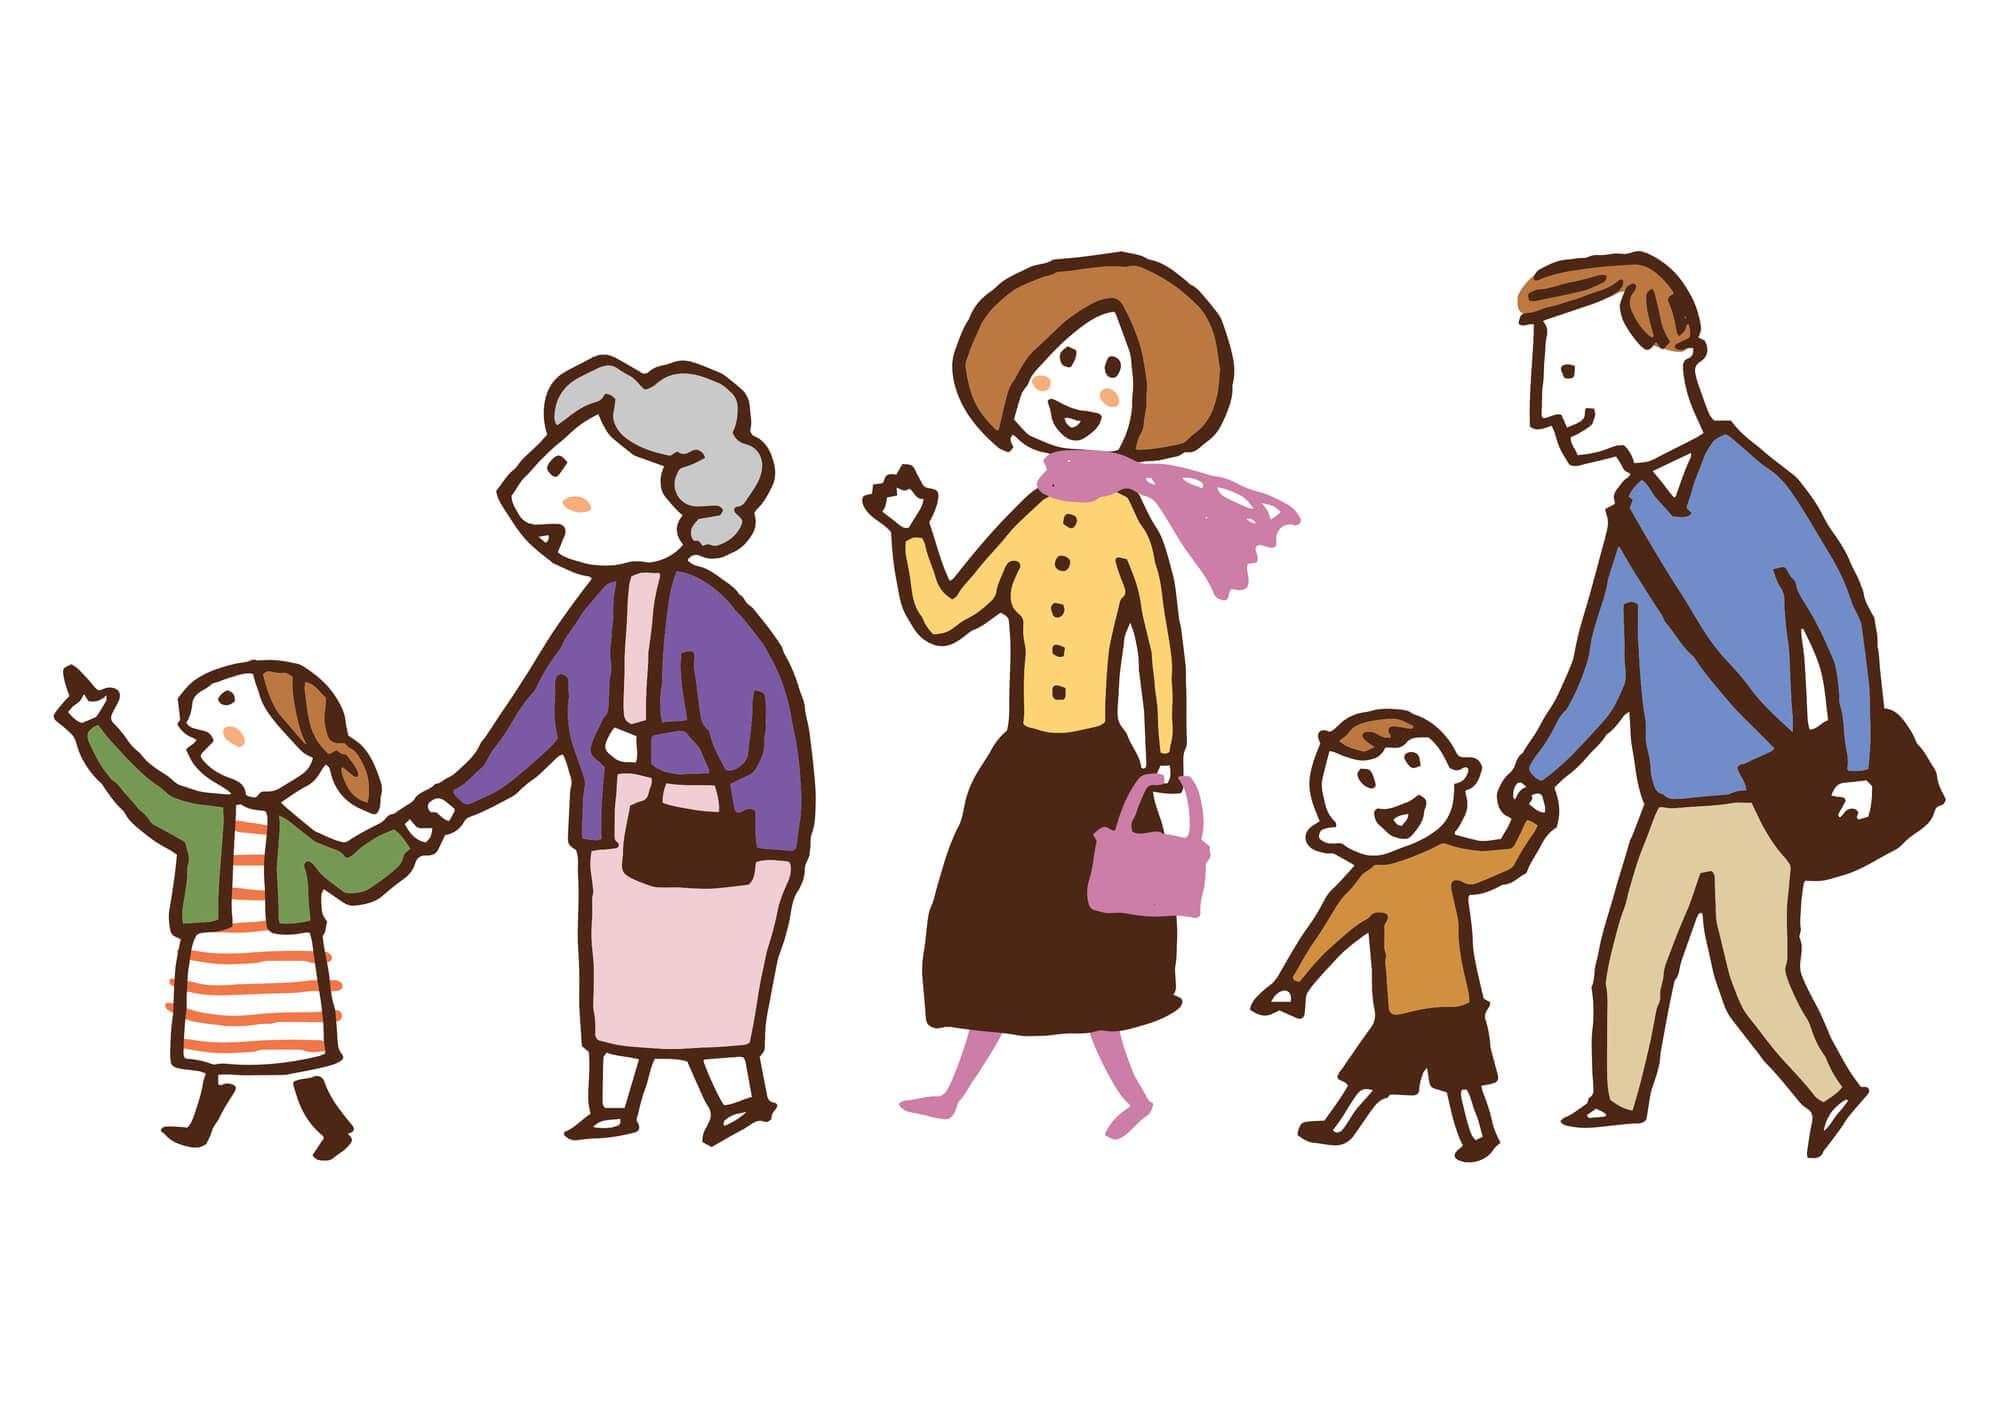 孫への生前贈与は「ジュニアNISA」がおすすめ!メリット・デメリットを具体的に解説 - 相続オナヤミ相談 花沢事務所